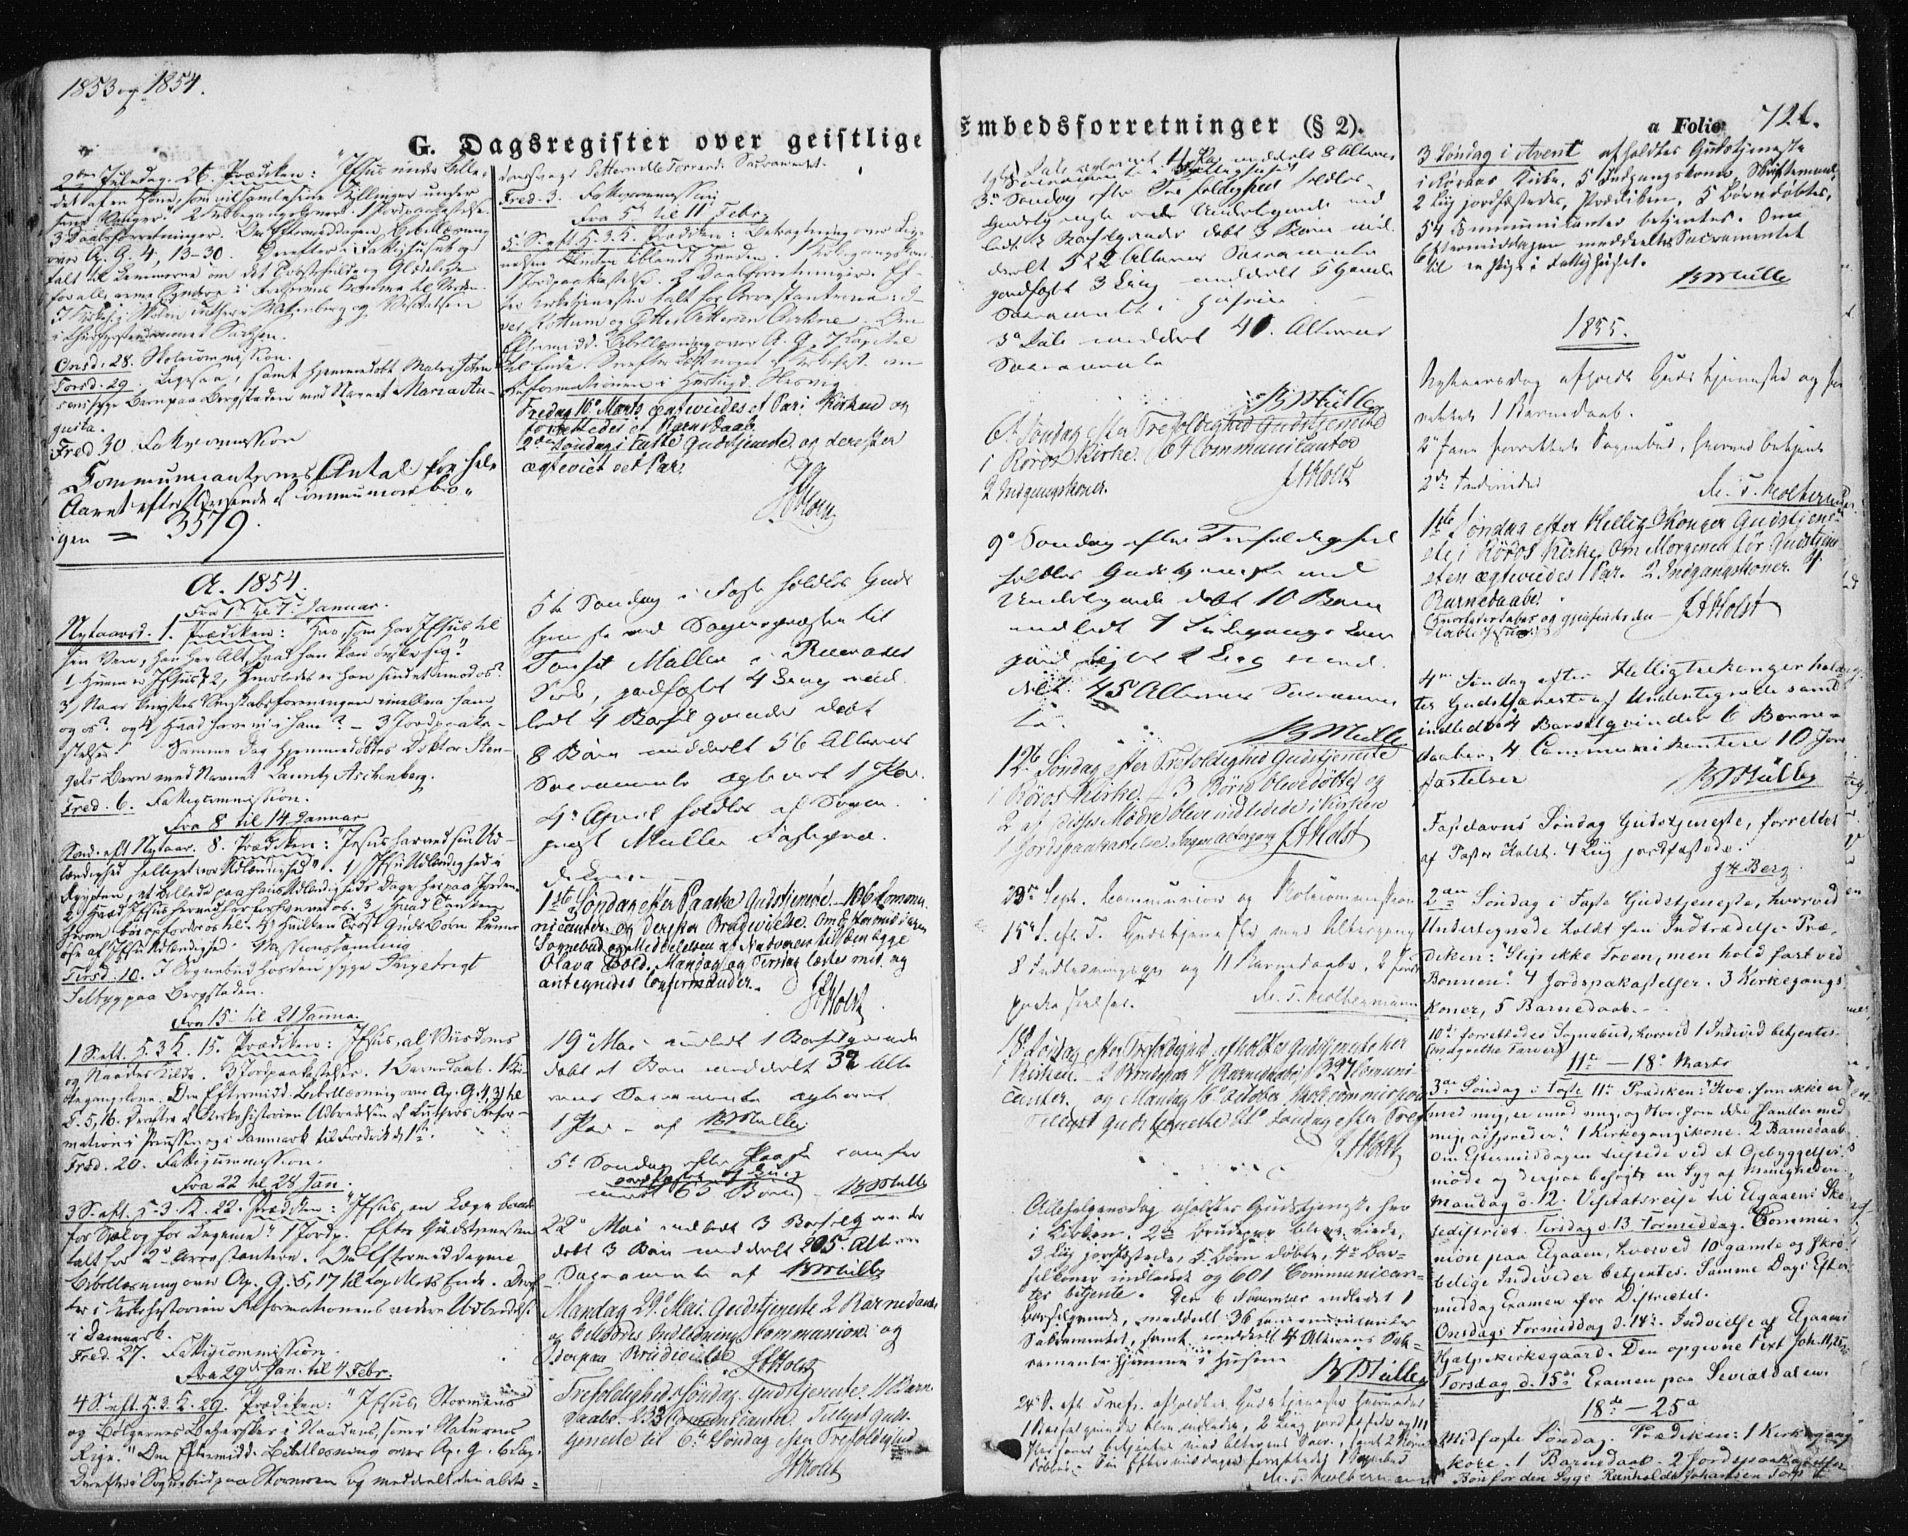 SAT, Ministerialprotokoller, klokkerbøker og fødselsregistre - Sør-Trøndelag, 681/L0931: Ministerialbok nr. 681A09, 1845-1859, s. 726